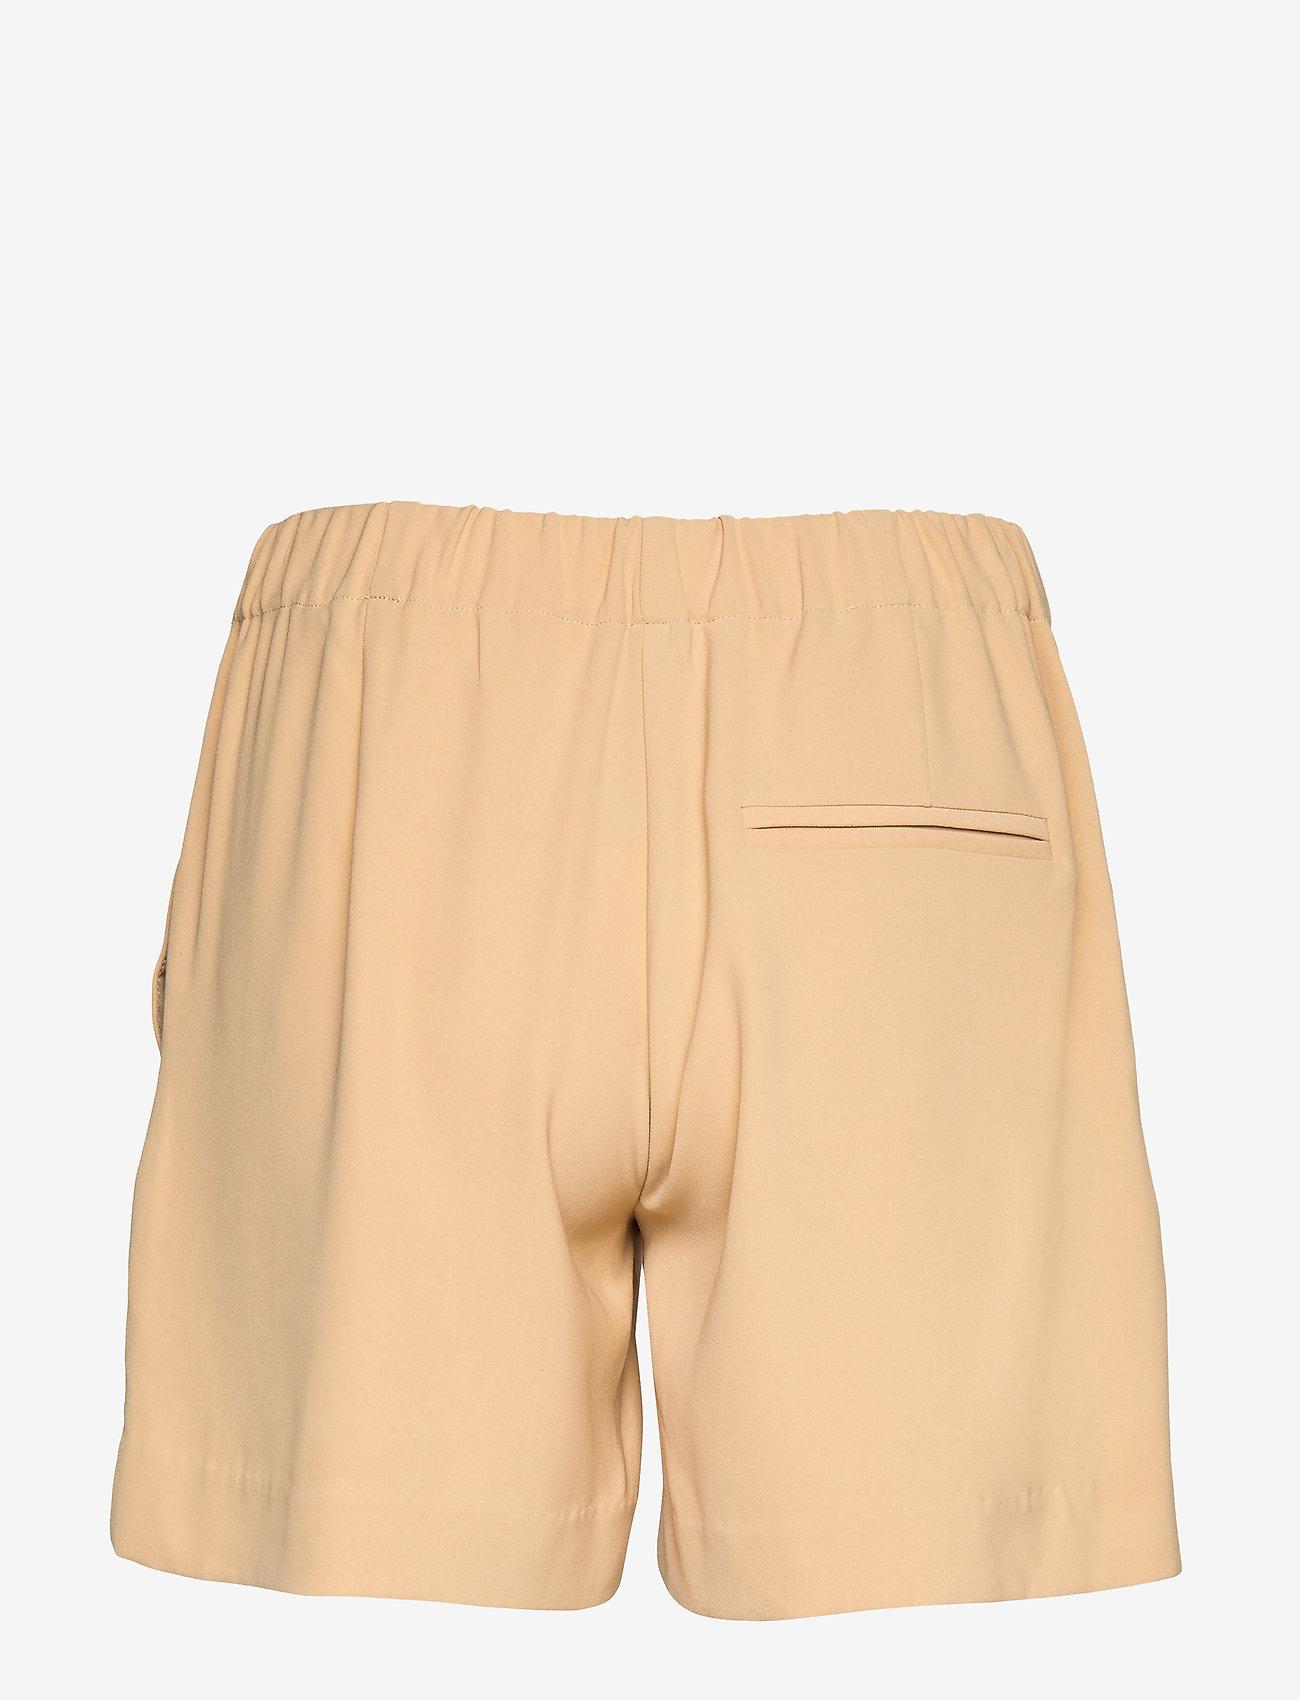 Samsøe Samsøe - Hoys shorts 10654 - shorts casual - croissant - 1